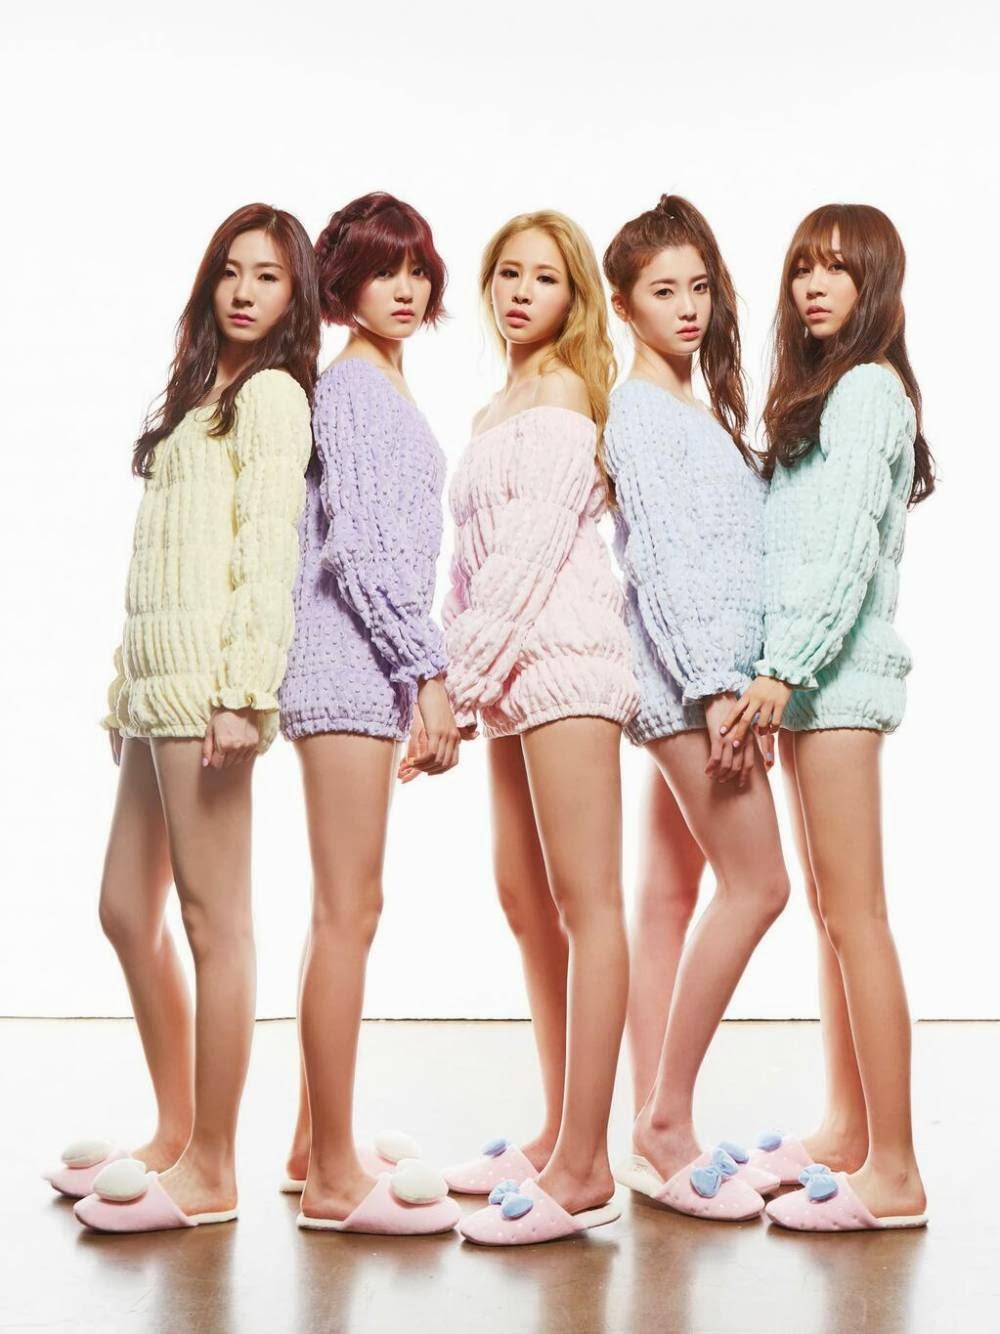 girls Pantless teen